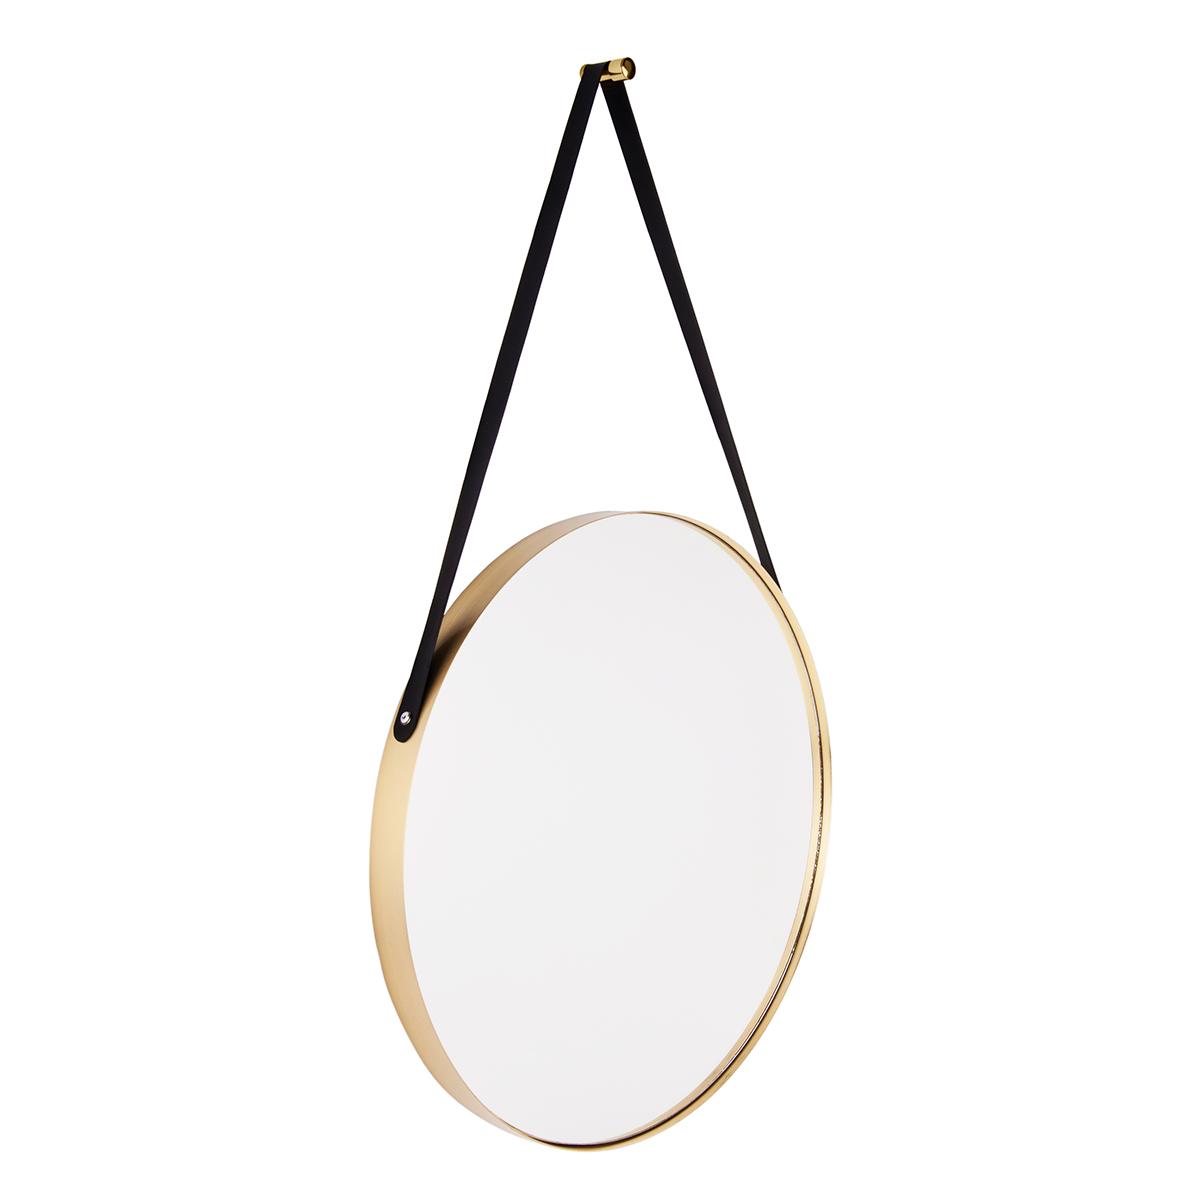 rundt spejl med rem Present Time spejl   Balanced   Messing/Sort Ø 47 cm   Rundt spejl  rundt spejl med rem